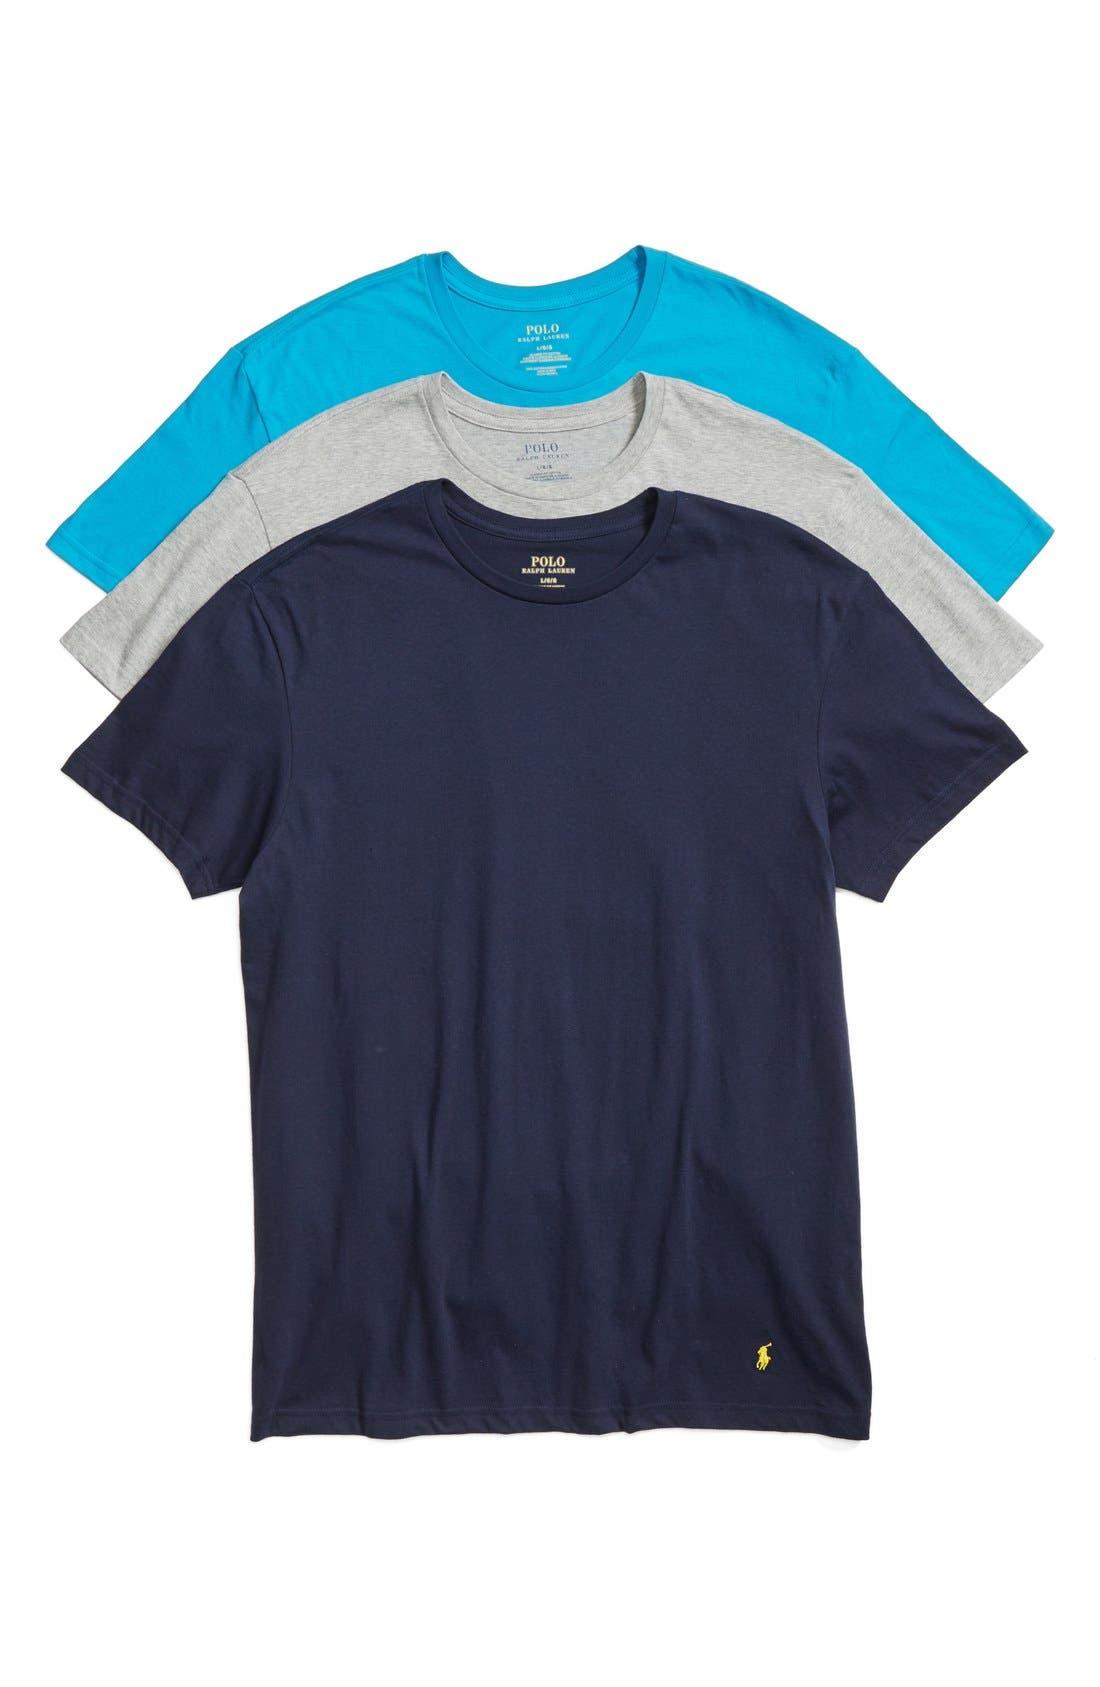 Classic Fit 3-Pack Cotton T-Shirt,                             Main thumbnail 1, color,                             Maui Blue/ Heath/ Navy